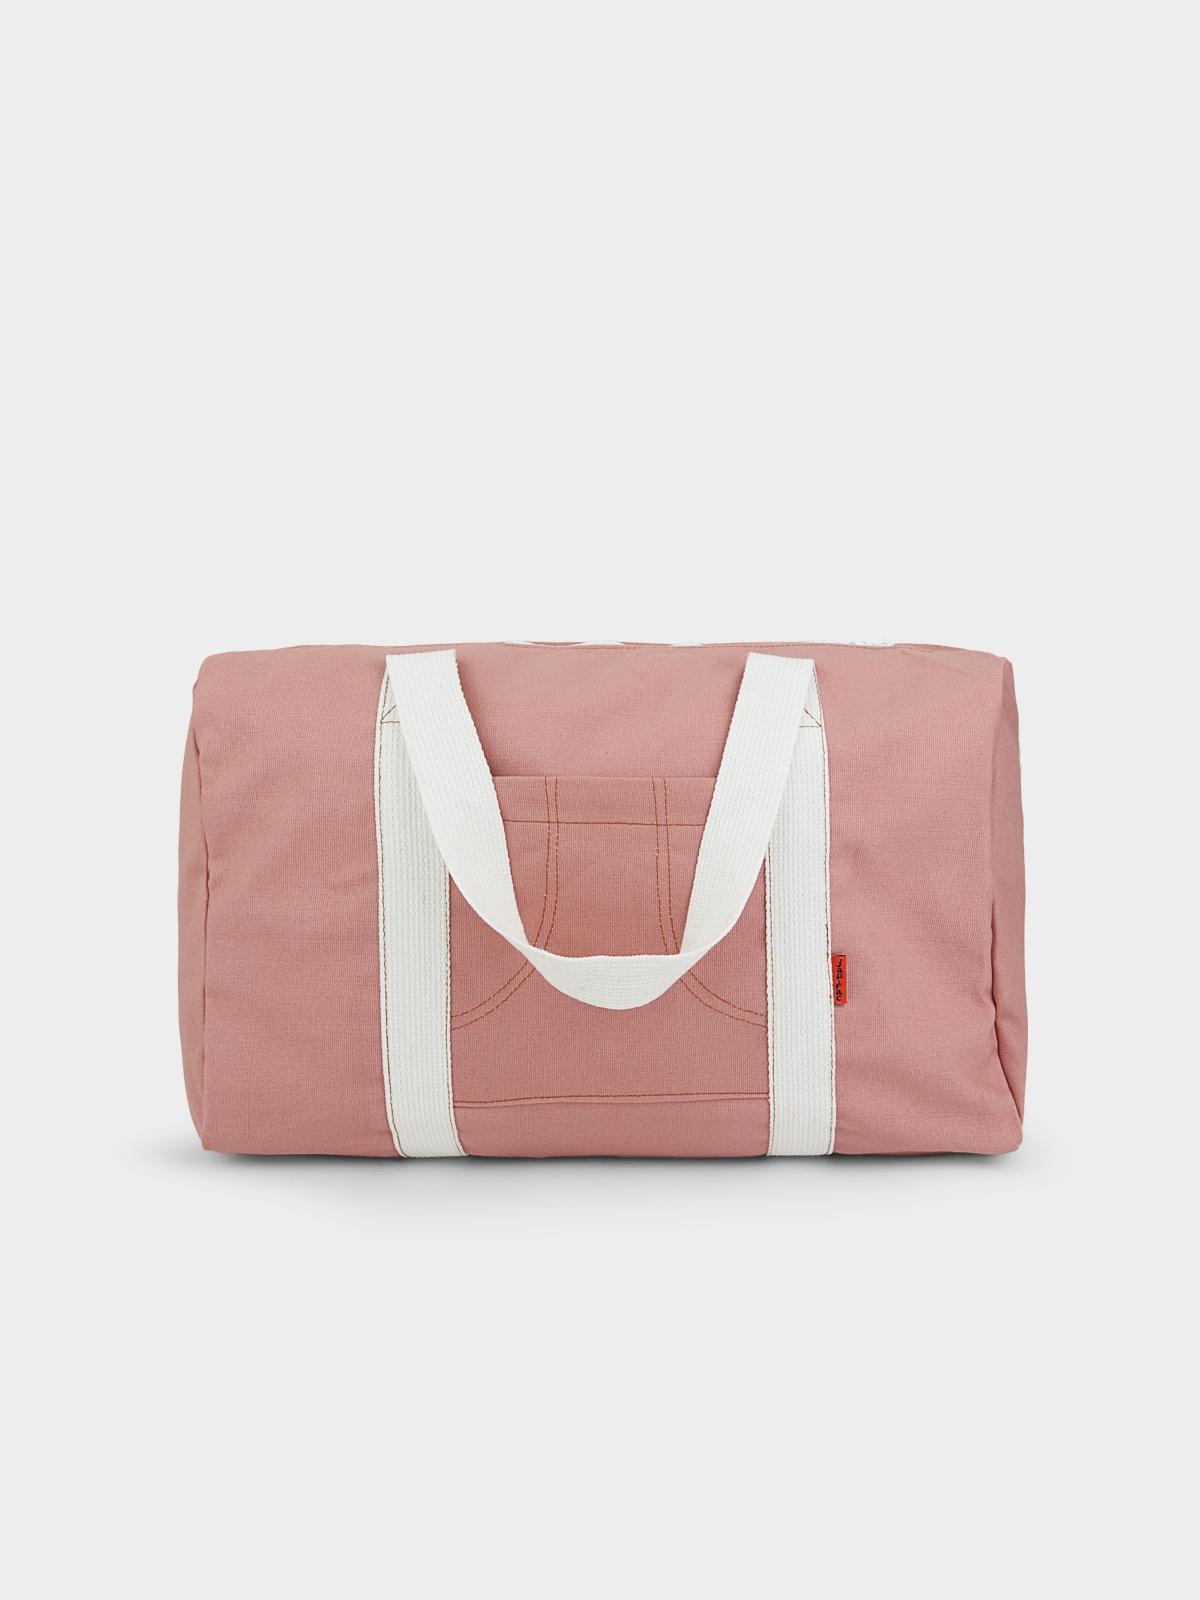 Japfac Duffle Bag Pink